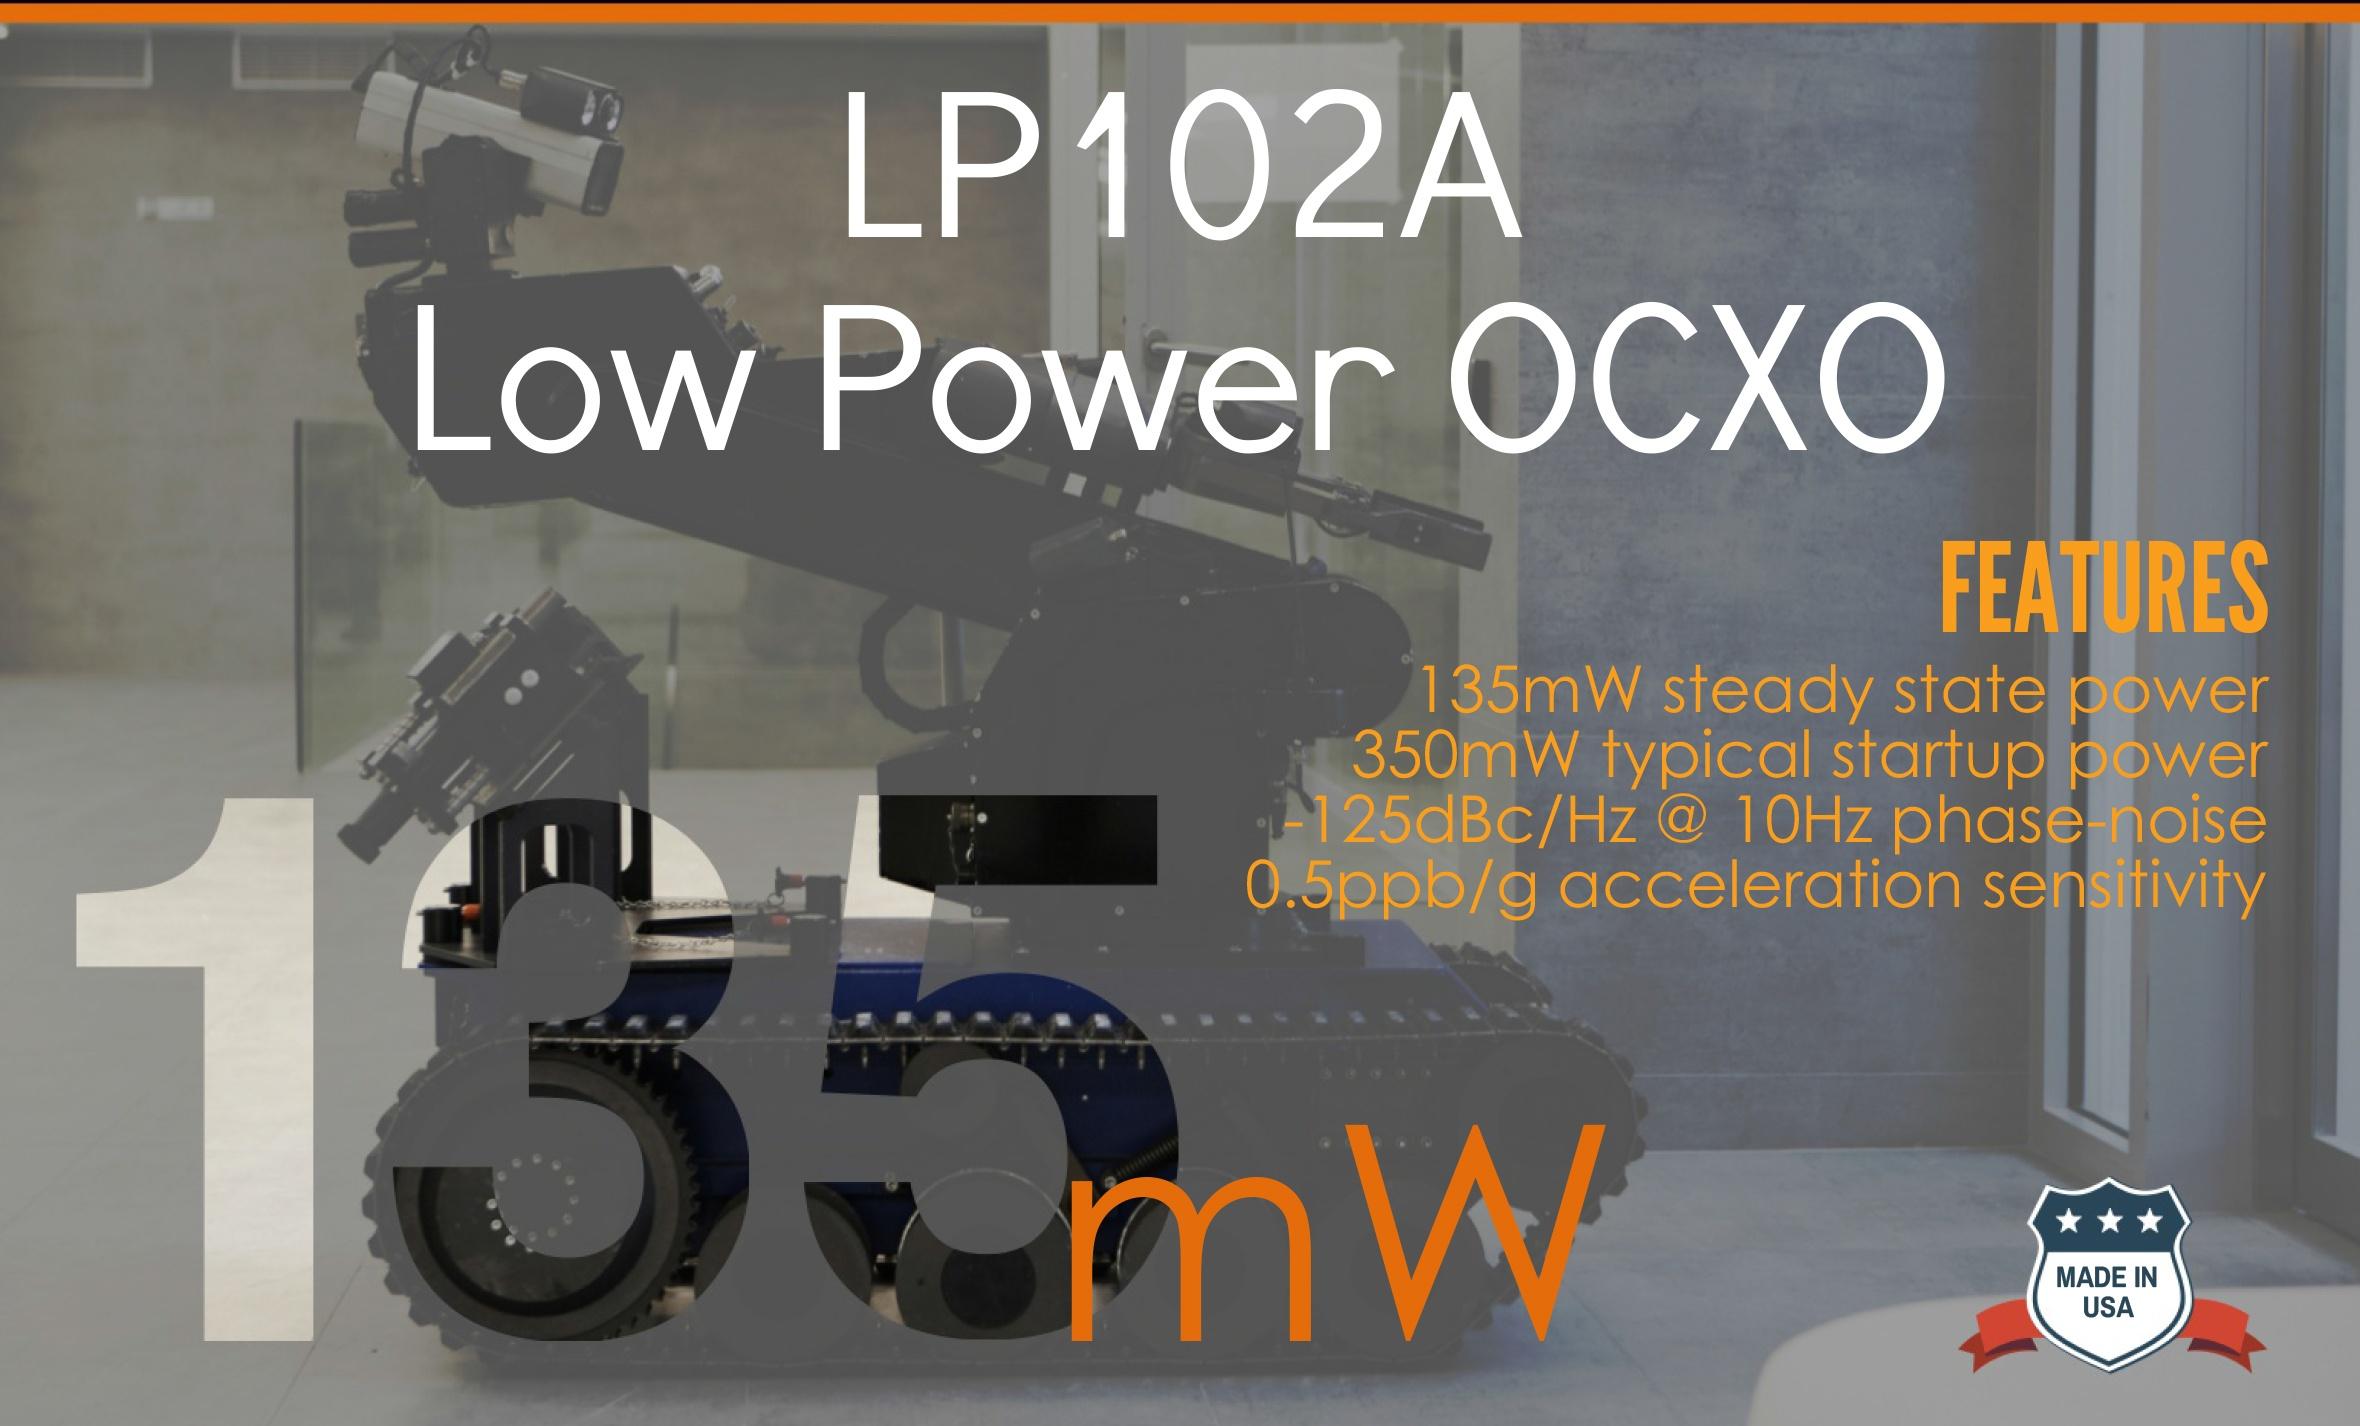 bliley-LP102-datasheet-Low-Power-OCXO.jpg